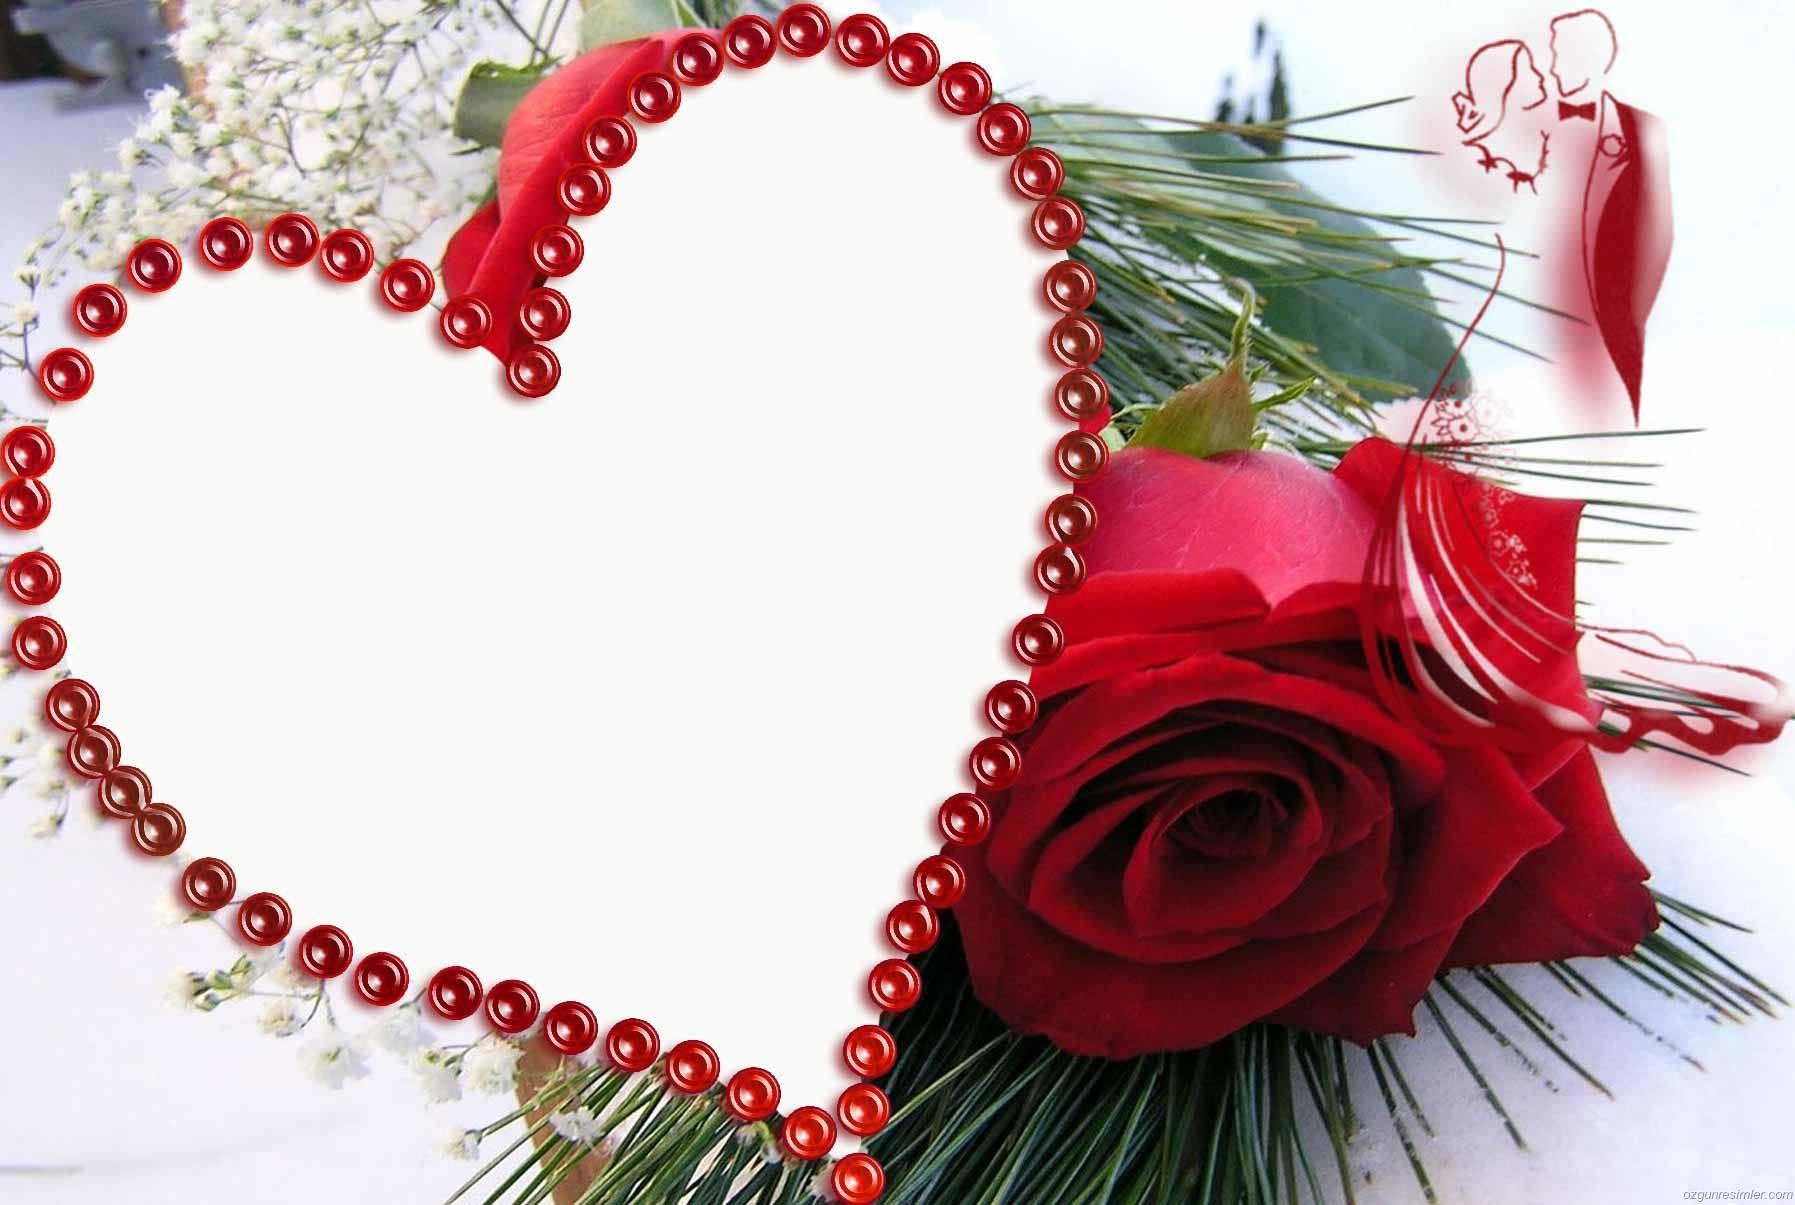 http://img-fotki.yandex.ru/get/5405/97761520.4b0/0_8f14d_508dbc50_orig.jpg